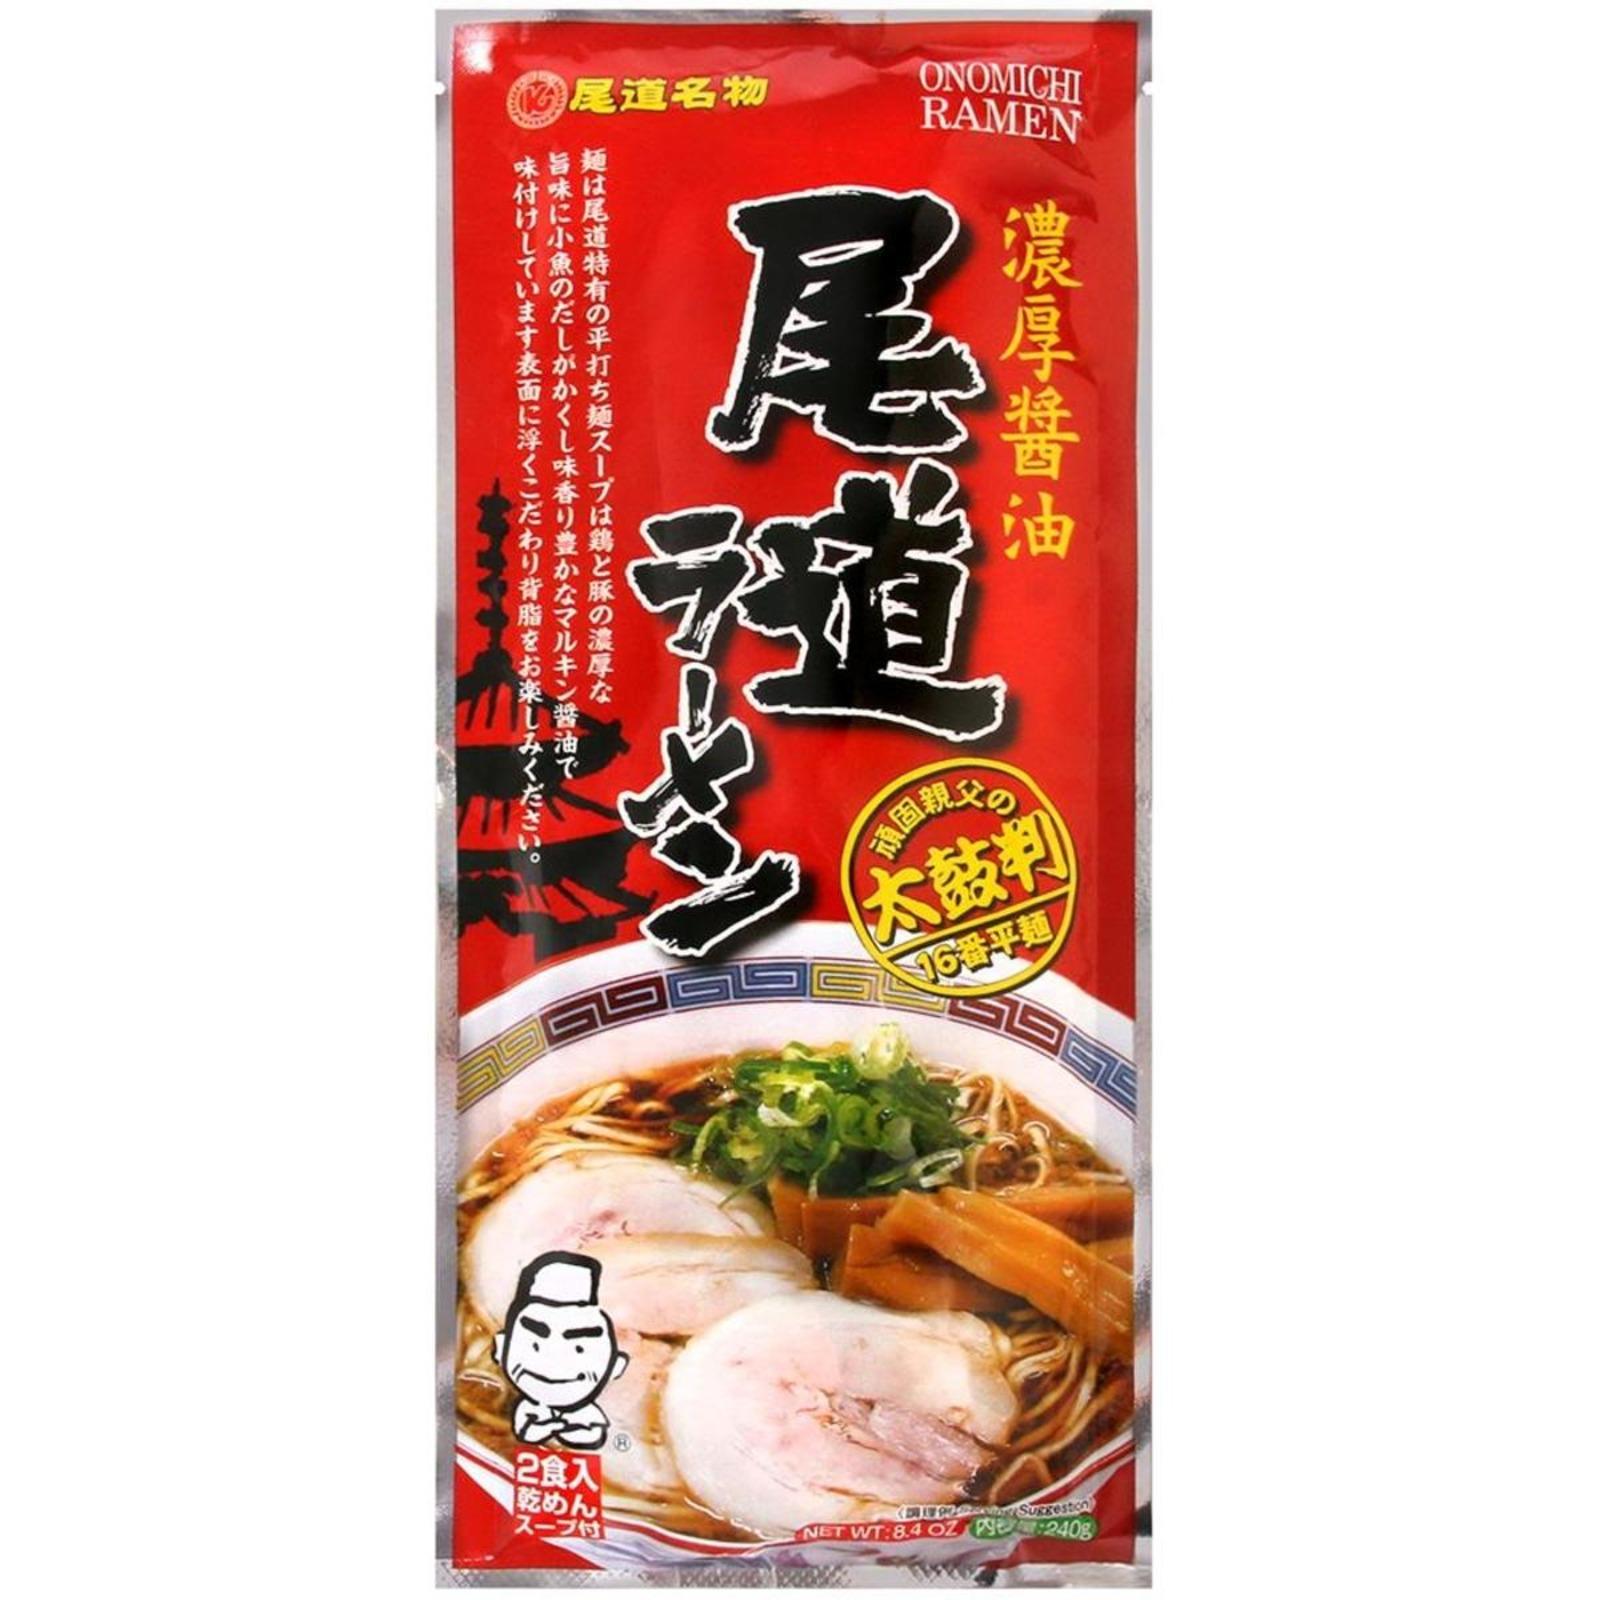 Fukuyama Onomichi Ramen Dry Ramen Noodle With Soup Base